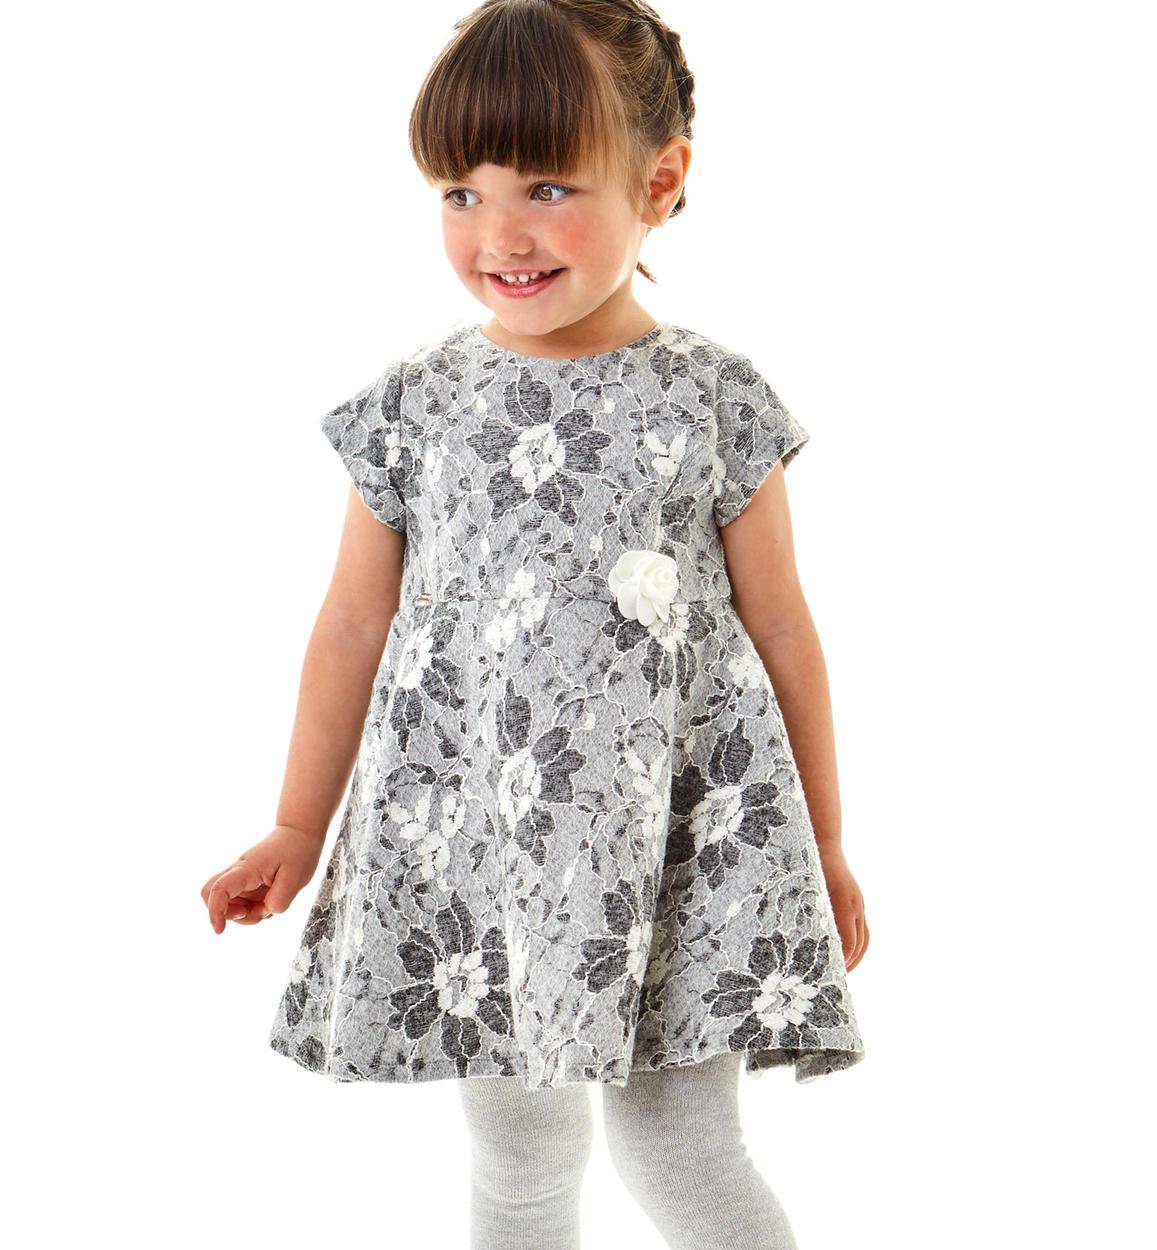 newest 9d941 8636a Raffinato abito a manica corta in pizzo per bambina da 6 mesi a 7 anni  Sarabanda